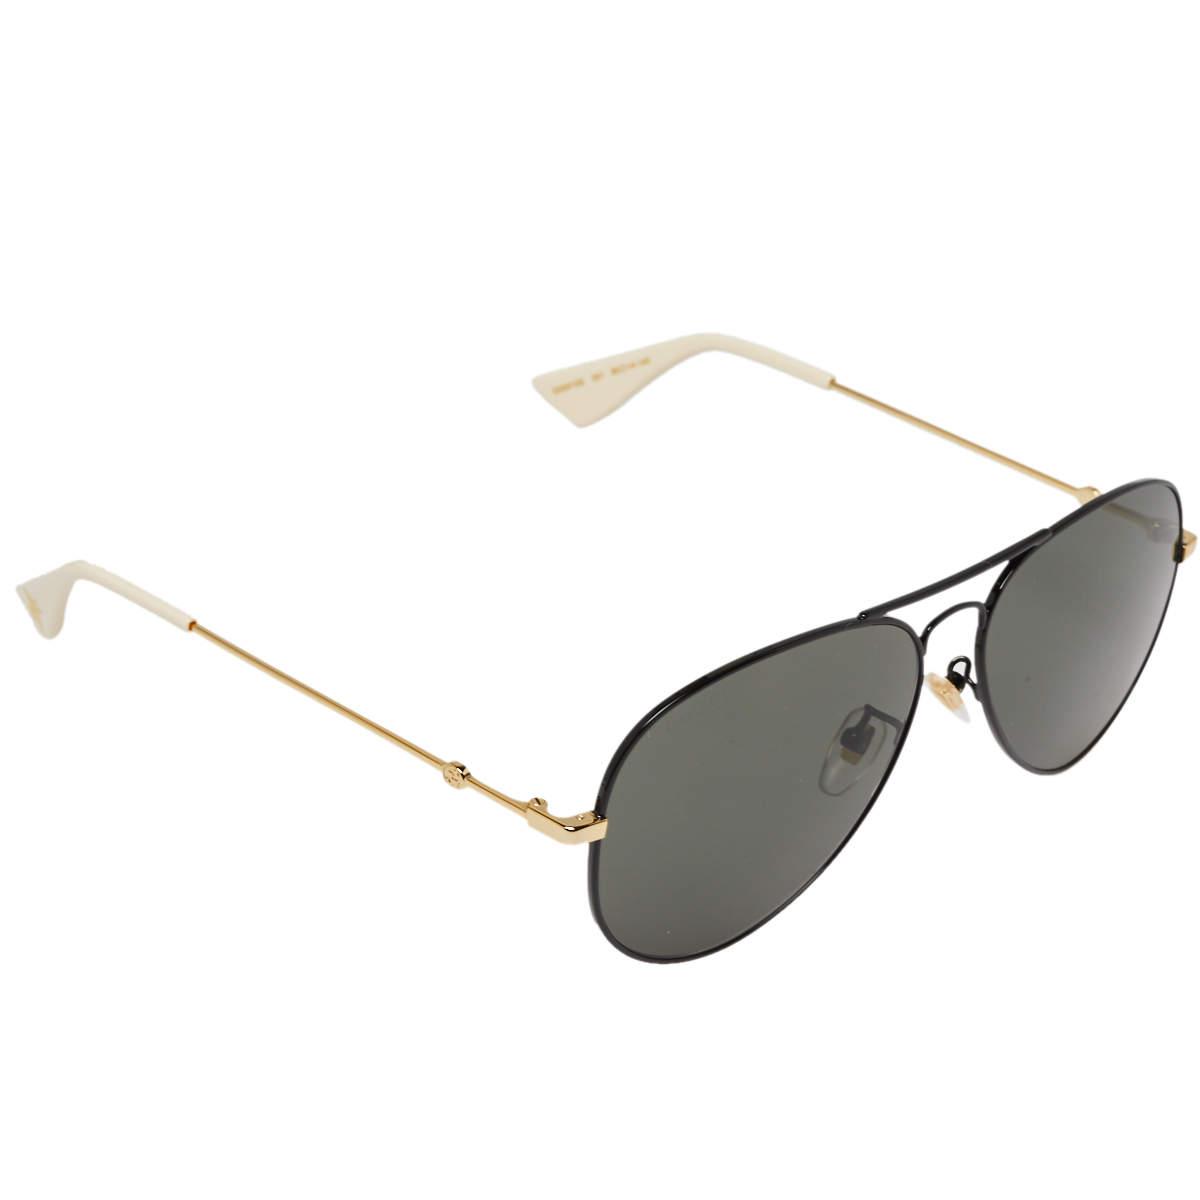 نظارة شمسية غوتشي GG0515S بي أفياتور أسود و ذهبي